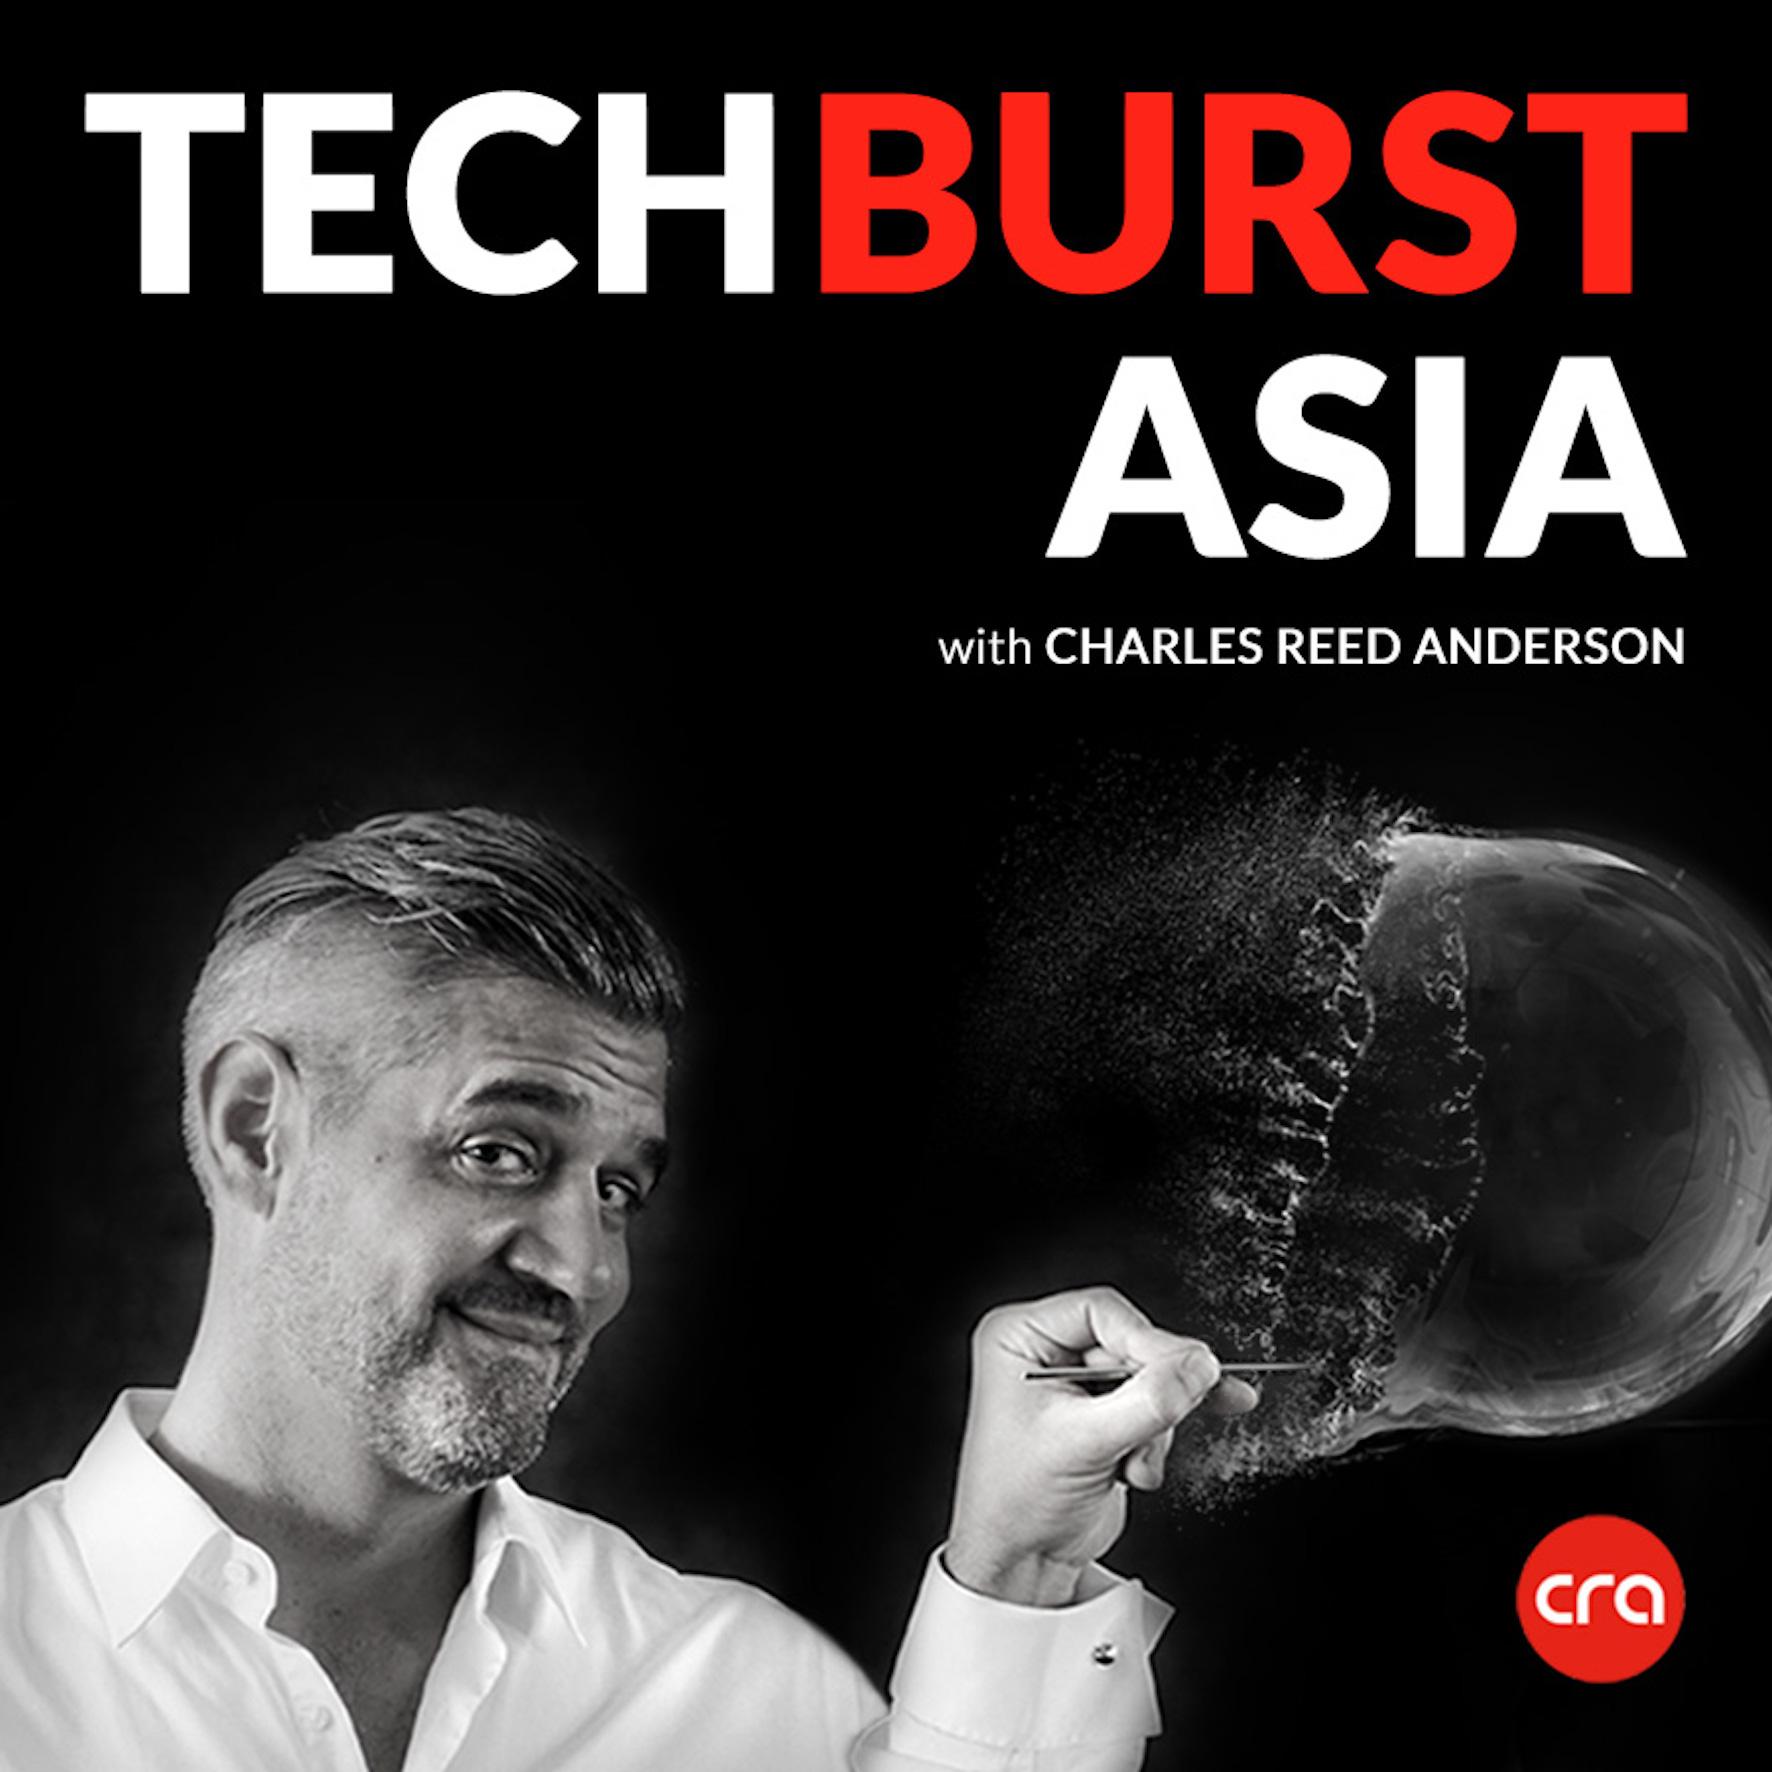 TechBurst Asia Podcast